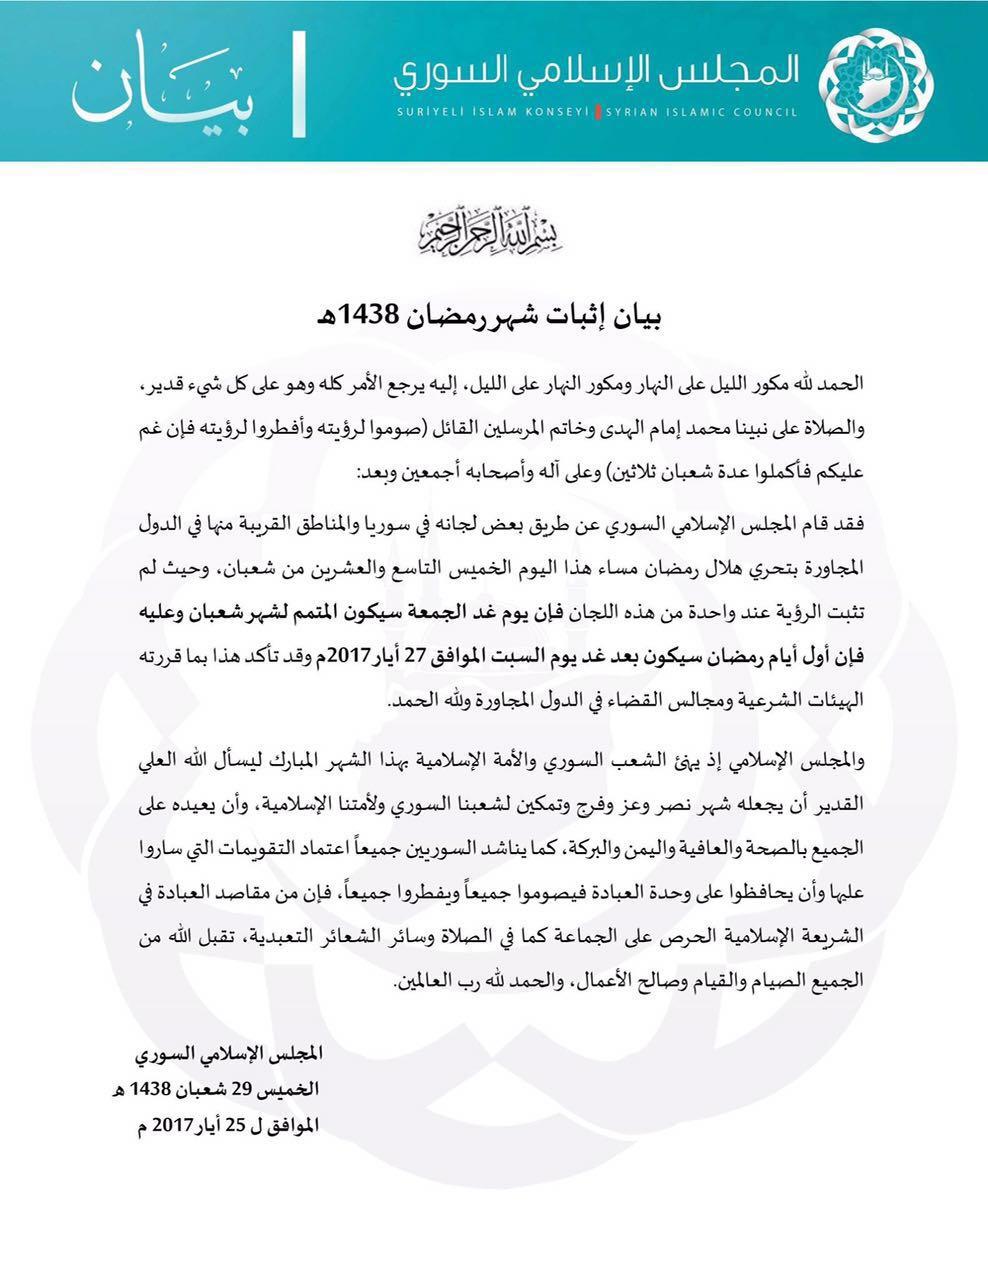 المجلس الإسلامي السوري يعلن يوم السبت أول أيام شهر رمضان المبارك